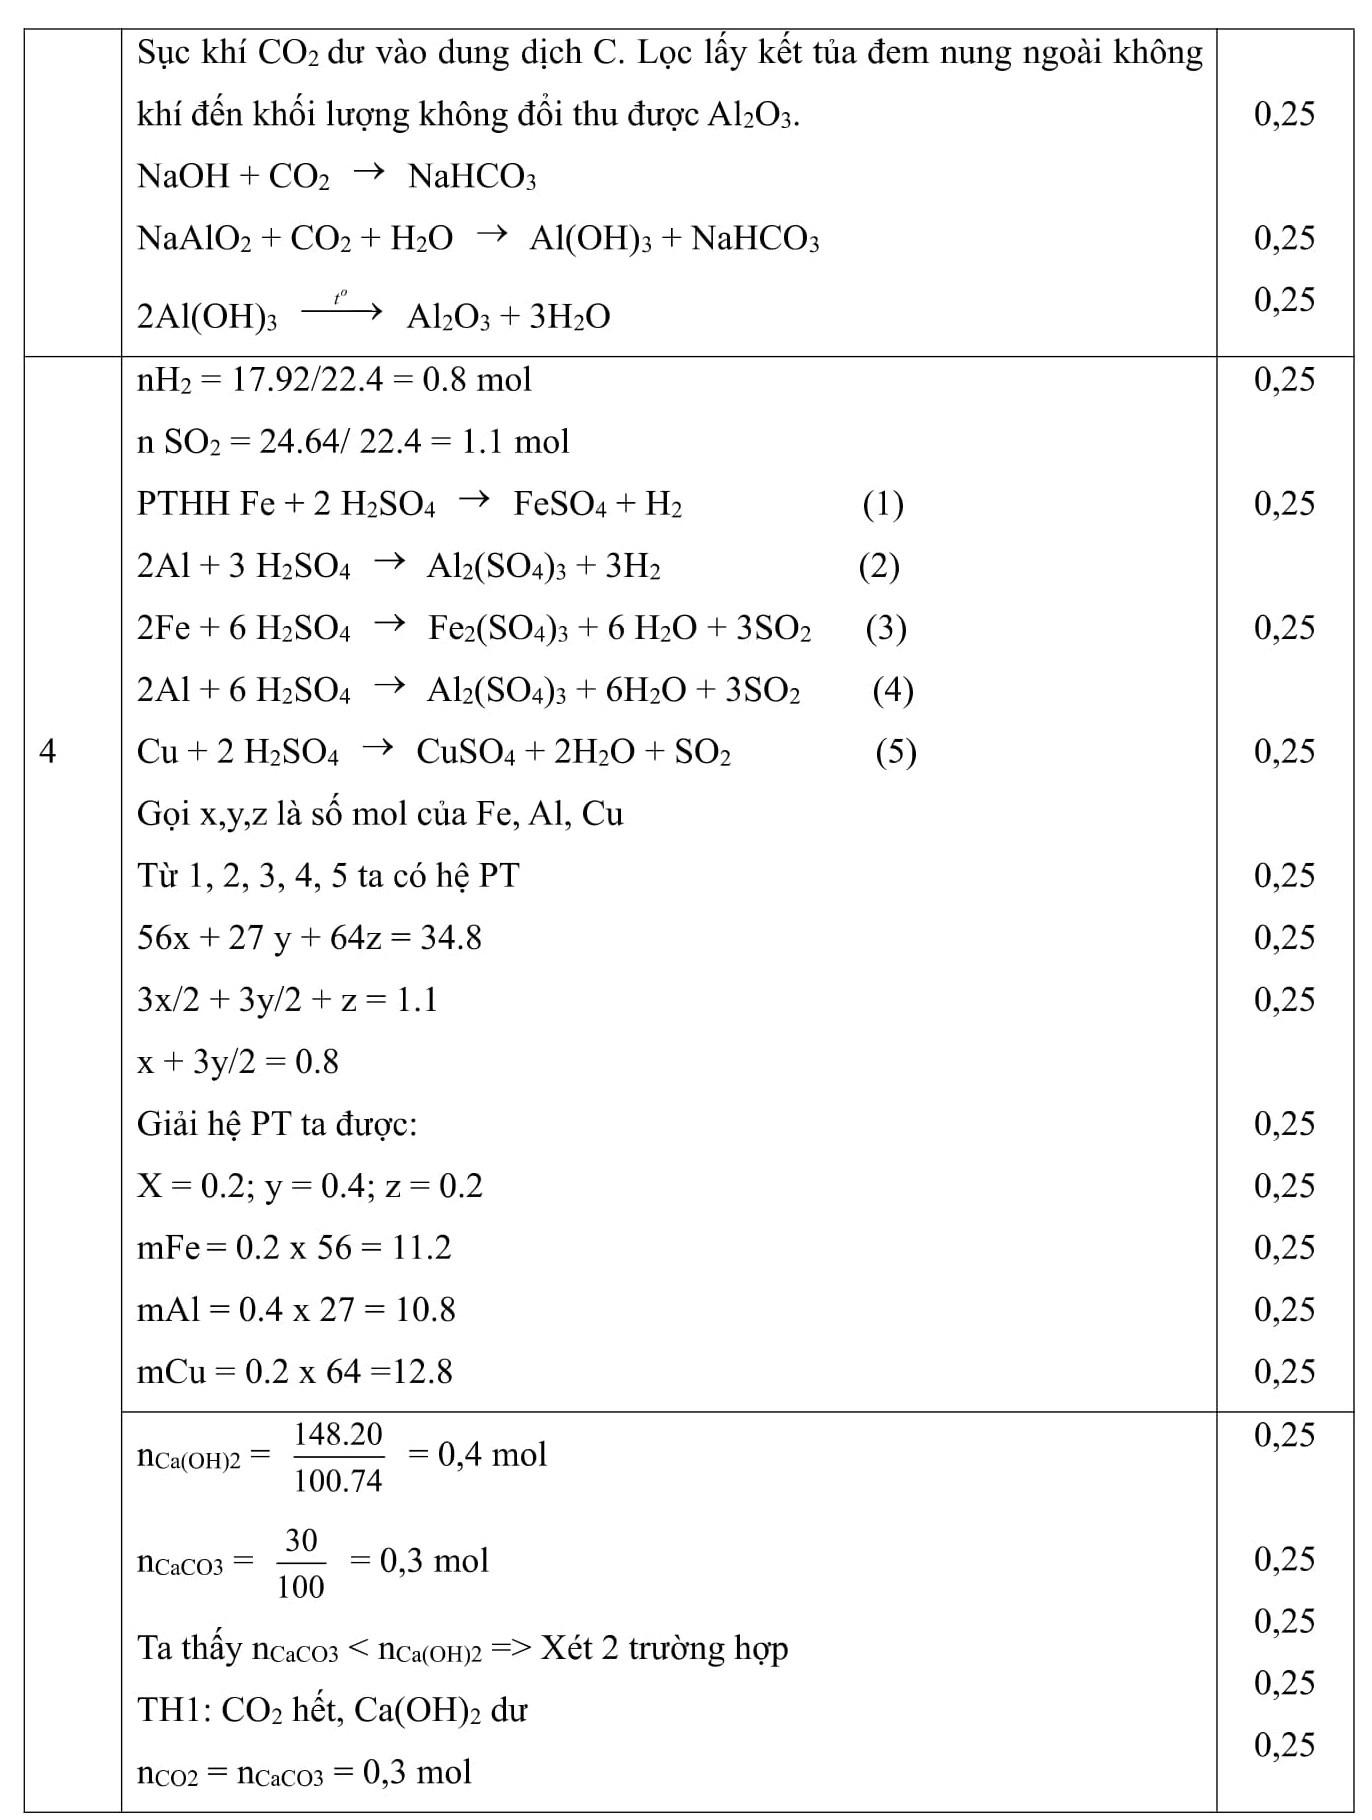 Đáp án và đề thi HSG Hóa Học 9 phòng GD&ĐT Quan Sơn 2016-2017